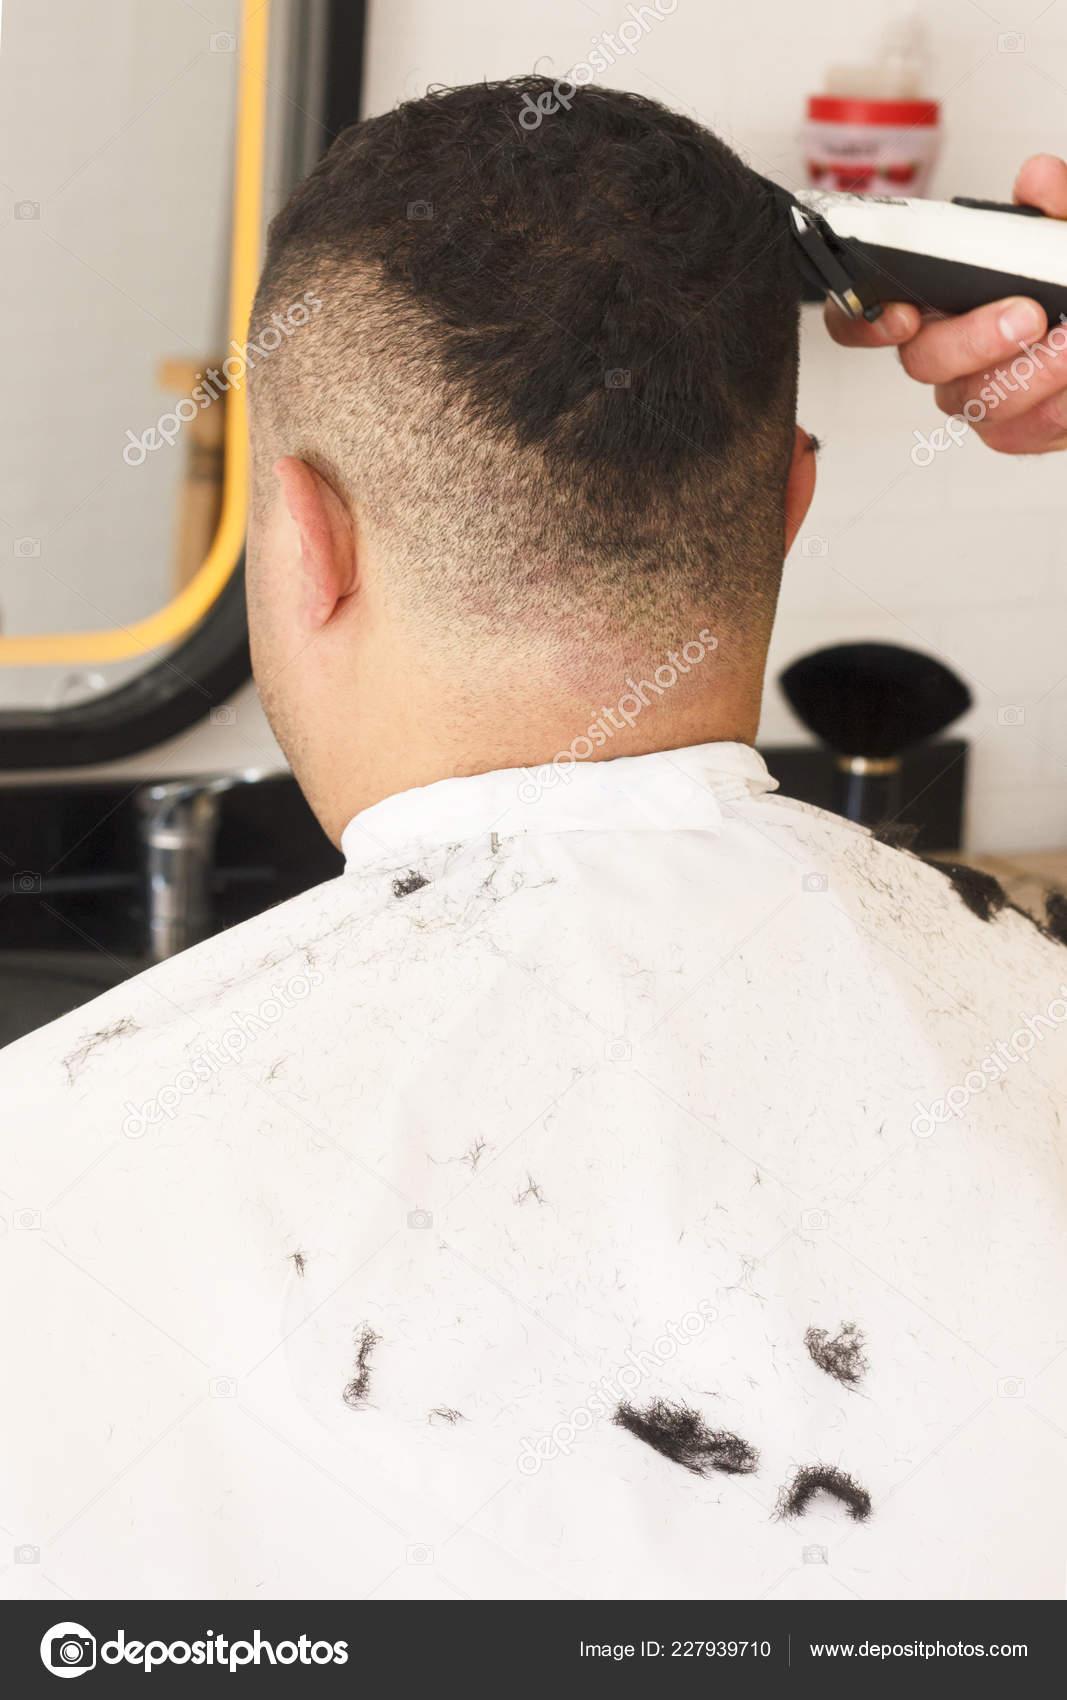 Ruckansicht Der Mann Immer Kurze Haare Schneiden Beim Friseur Mit